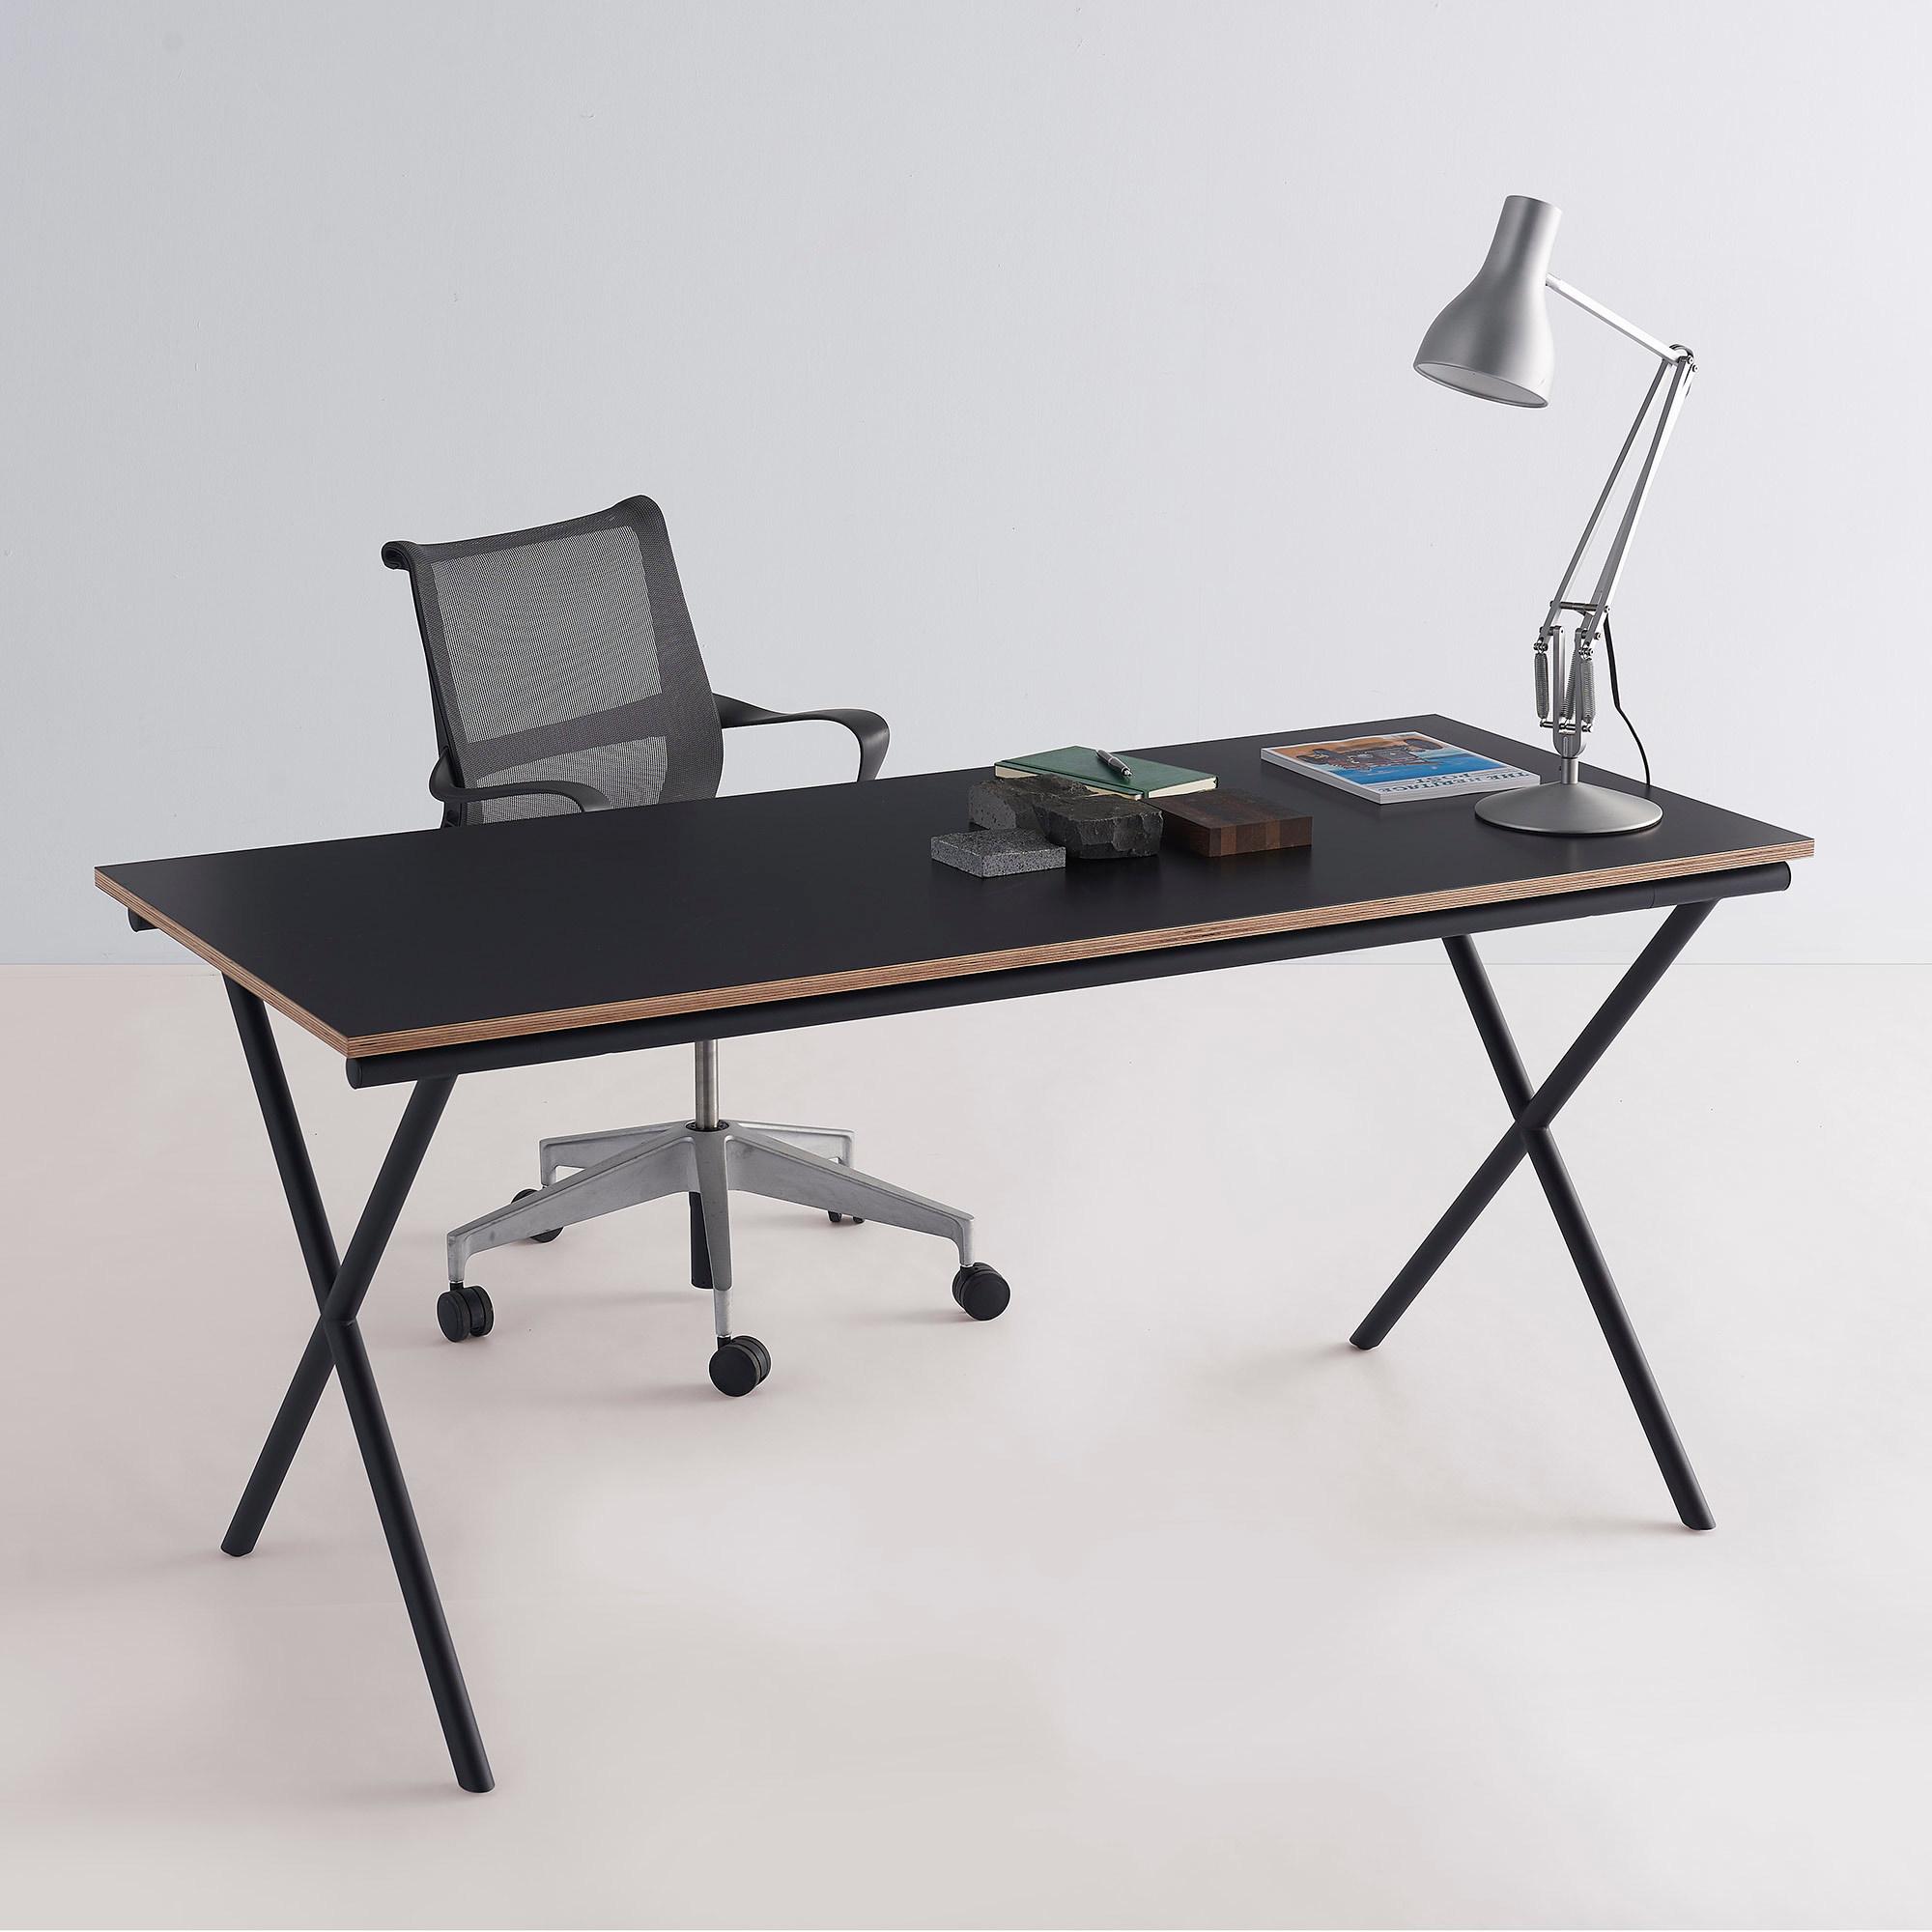 Ito Arbeitstisch / Esstisch Mox B125 x H75 x T70 cm